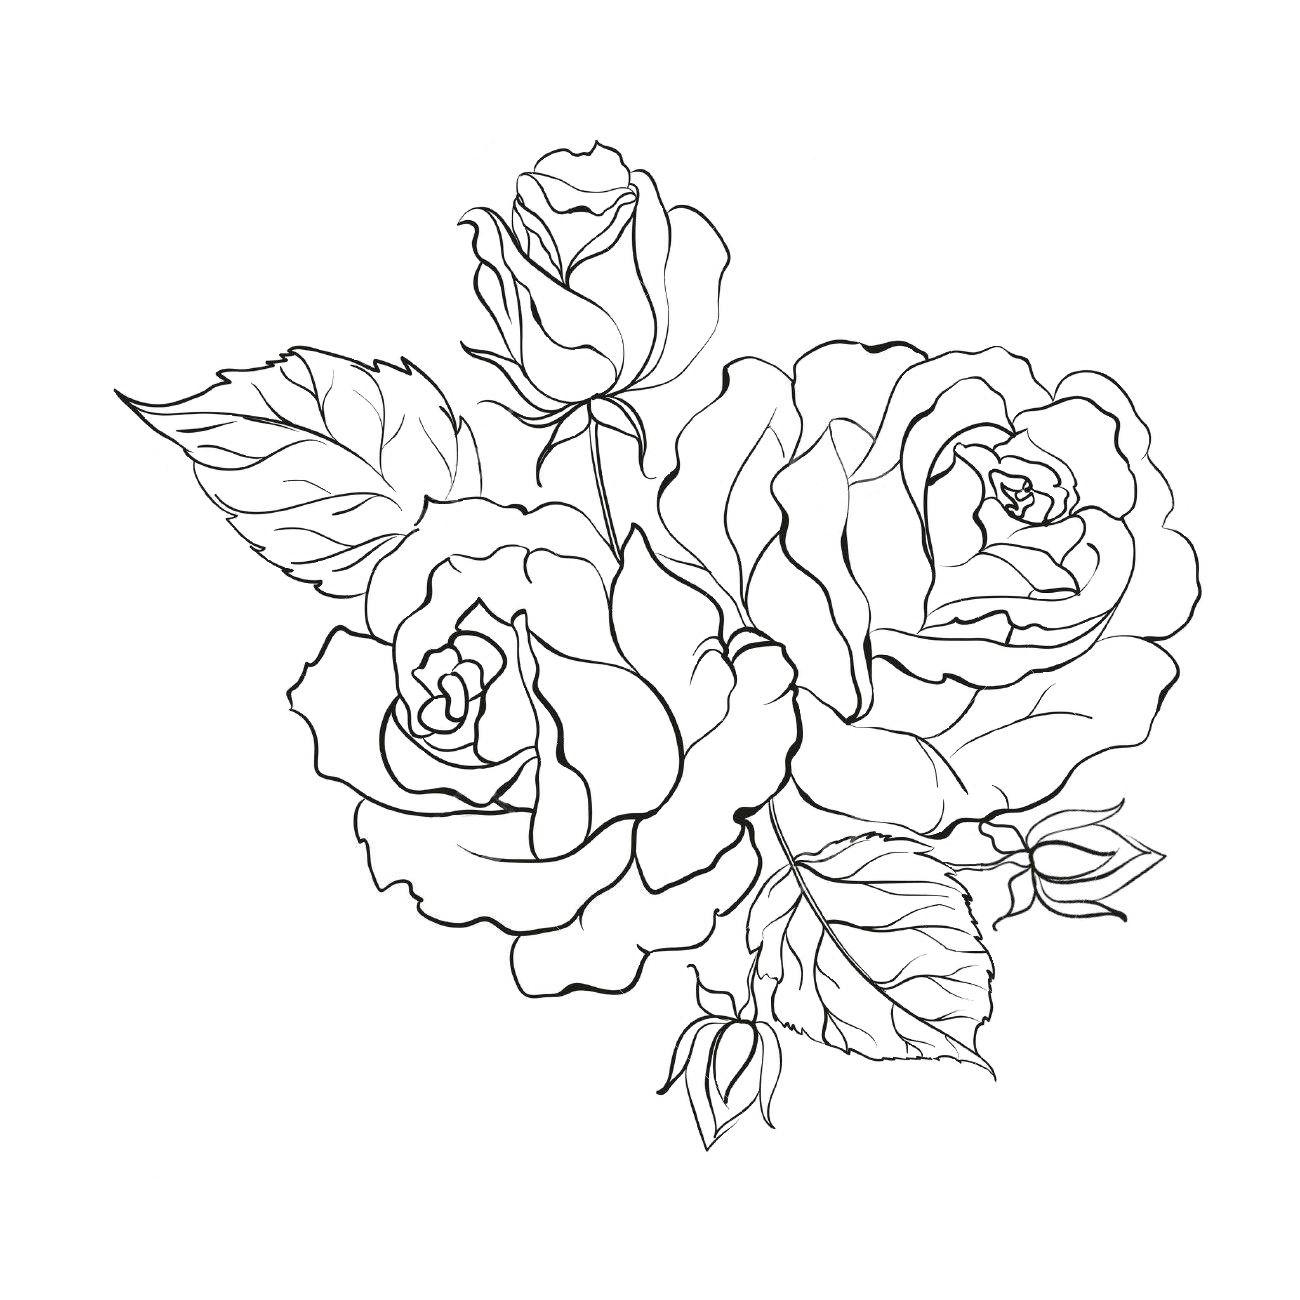 Raskraski Cvety Krasivyj Buket Roz Raskraski Rozy Kontur Rozy